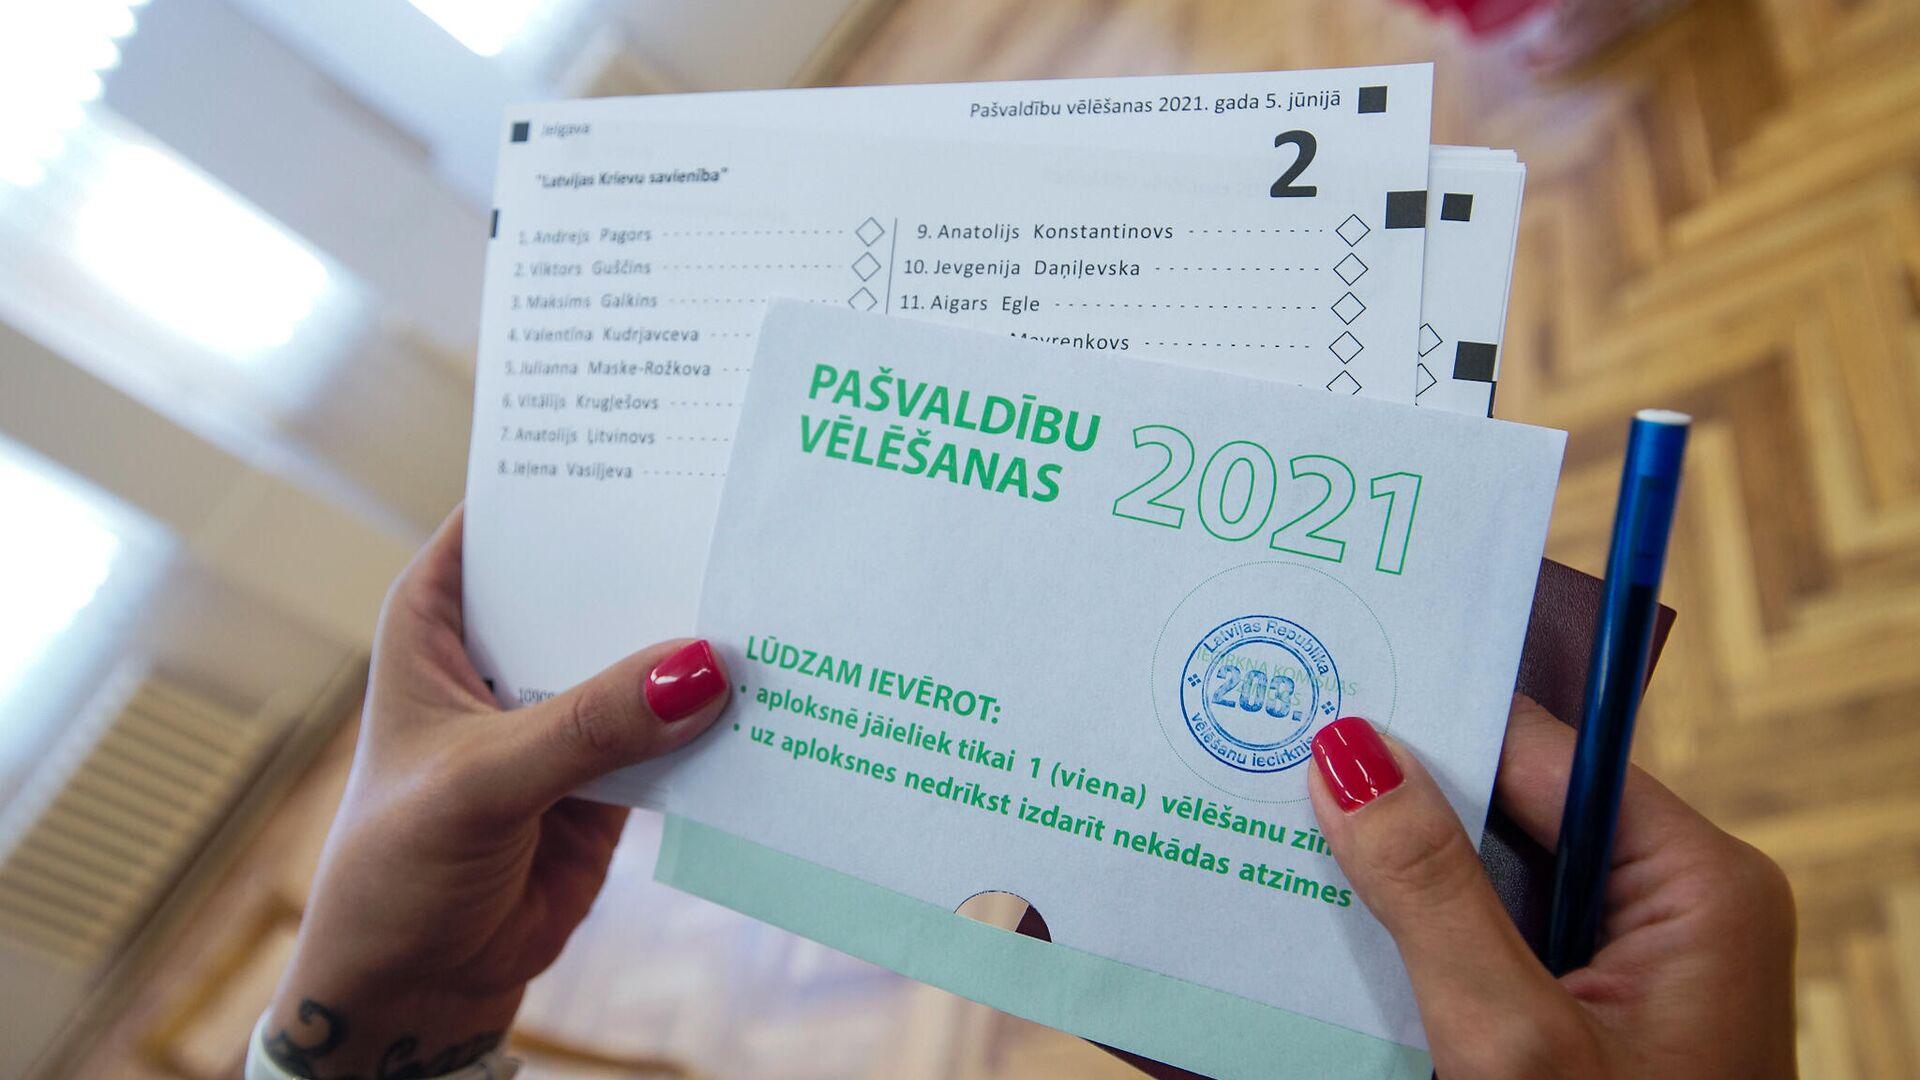 Муниципальные выборы 2021 в Латвии - Sputnik Латвия, 1920, 05.07.2021